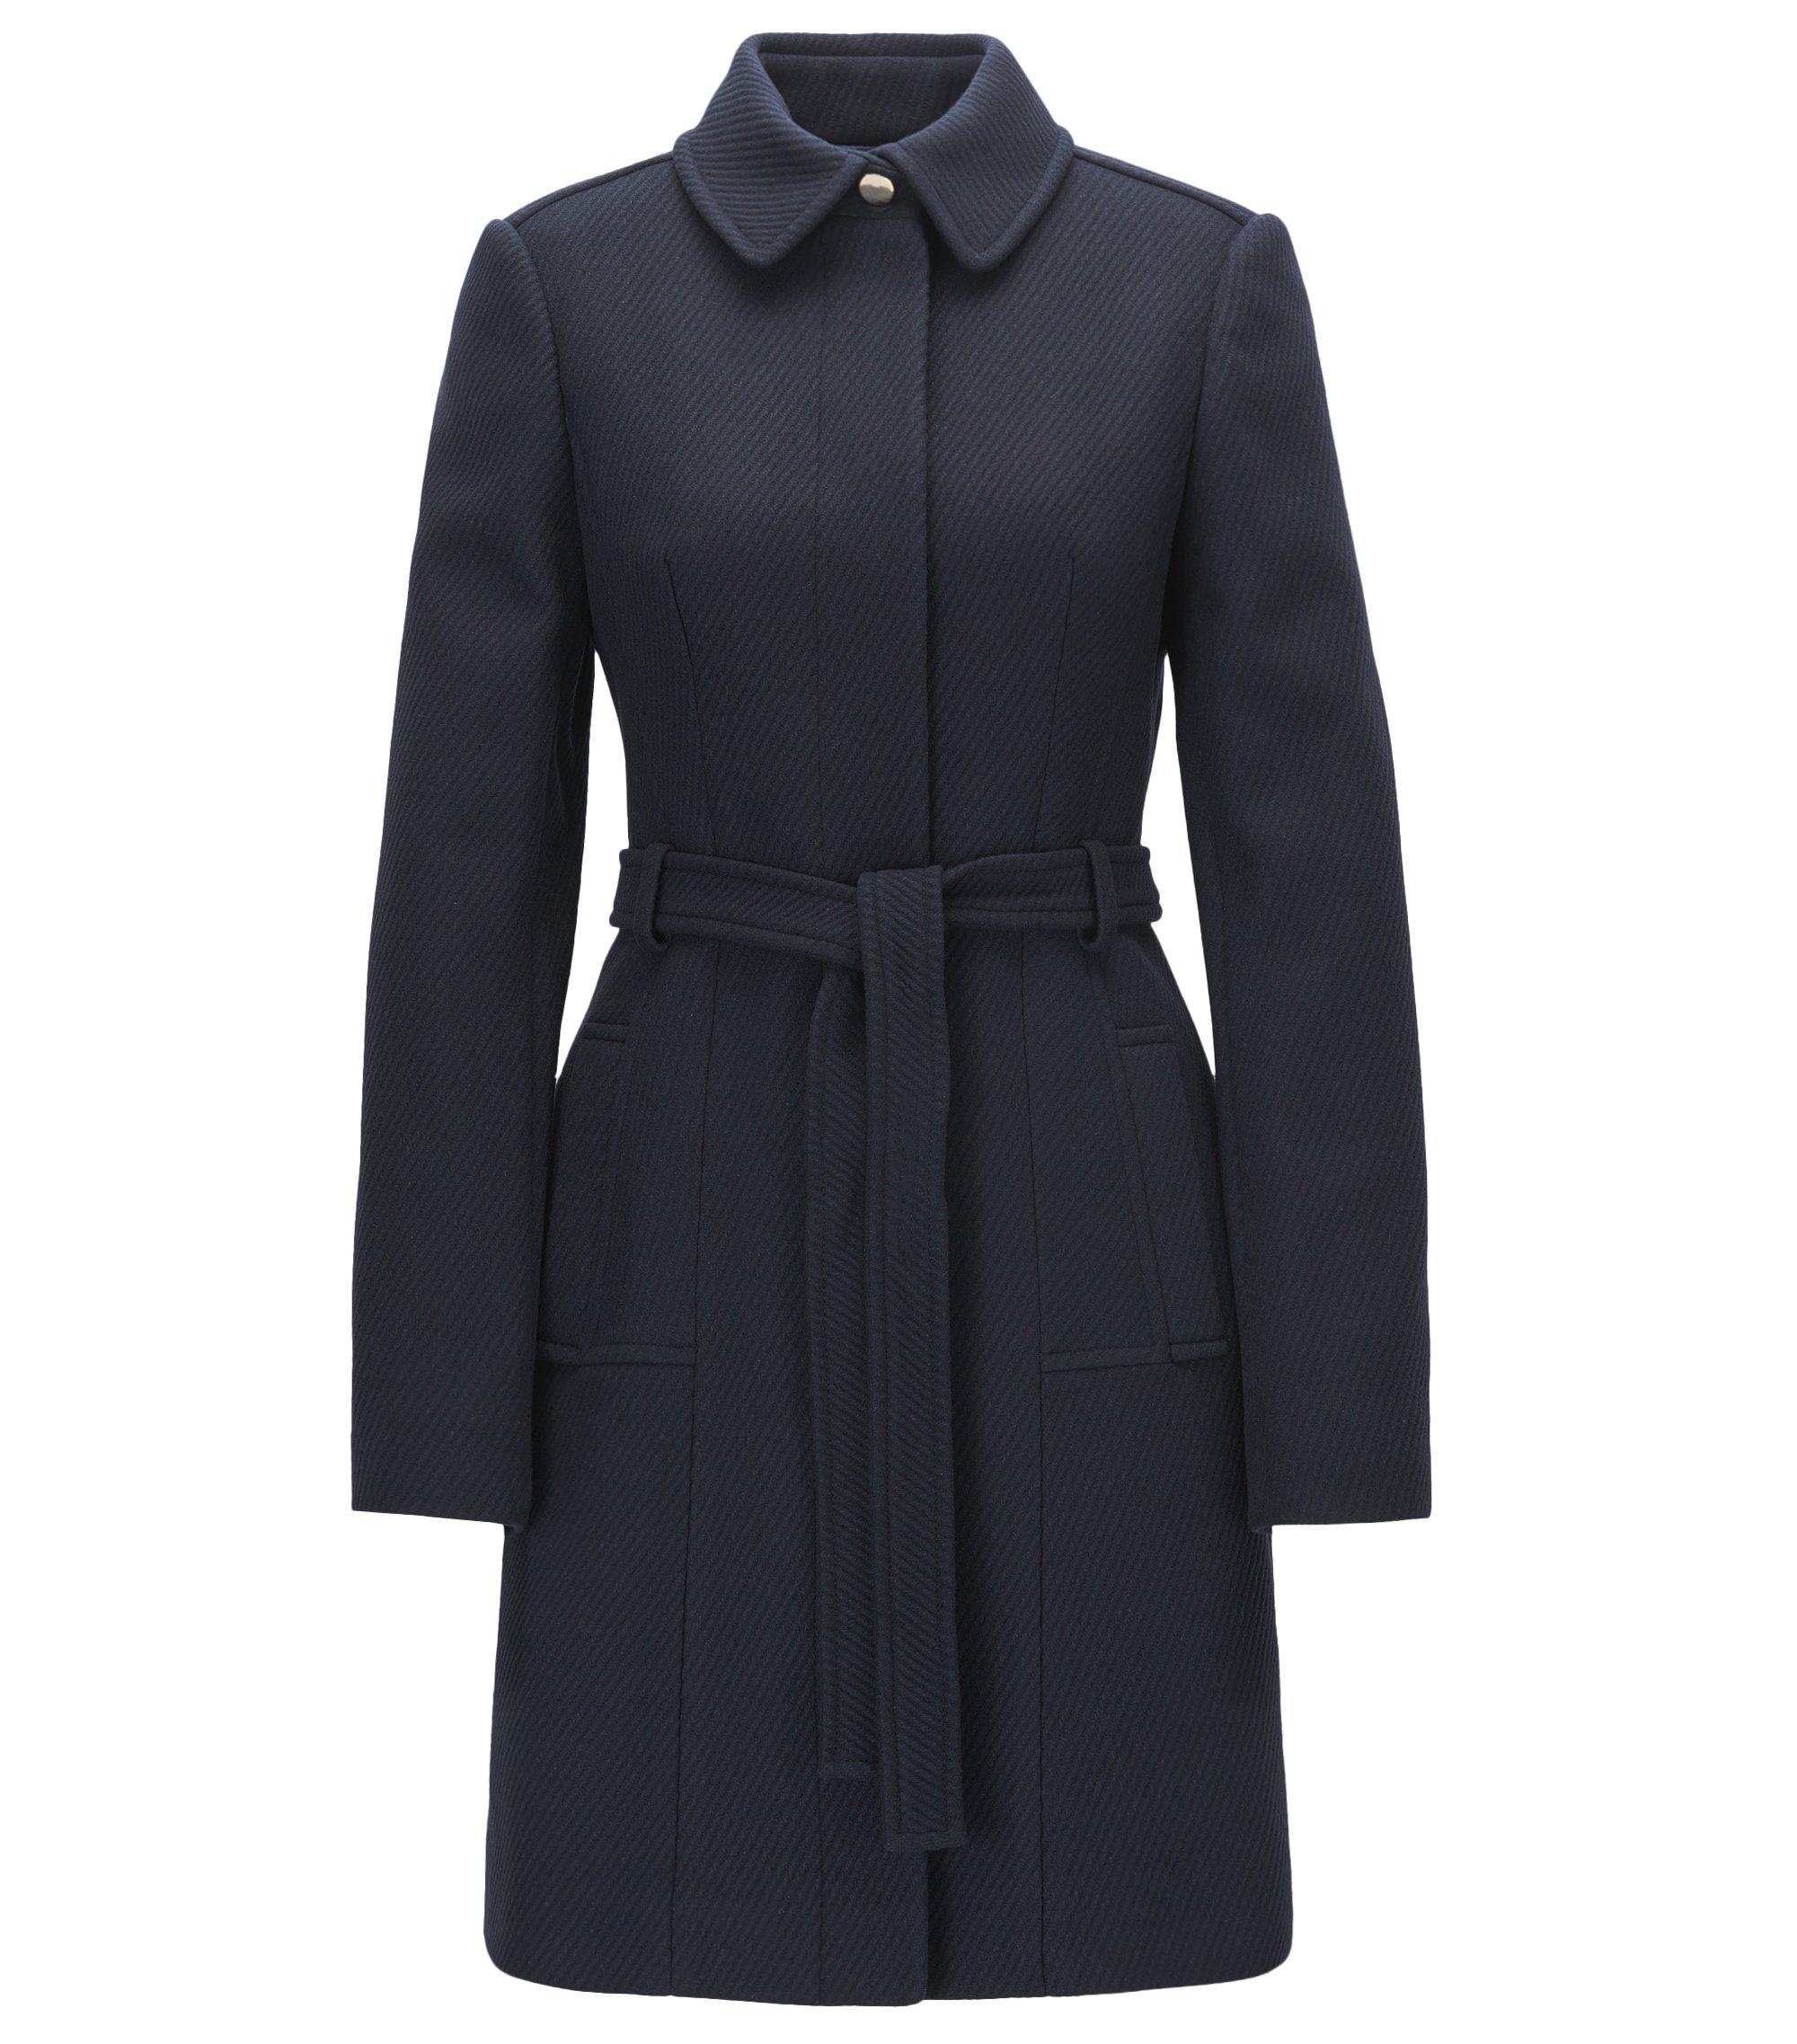 Abrigo regular fit en mezcla de lana con cinturón de anudar, Azul oscuro